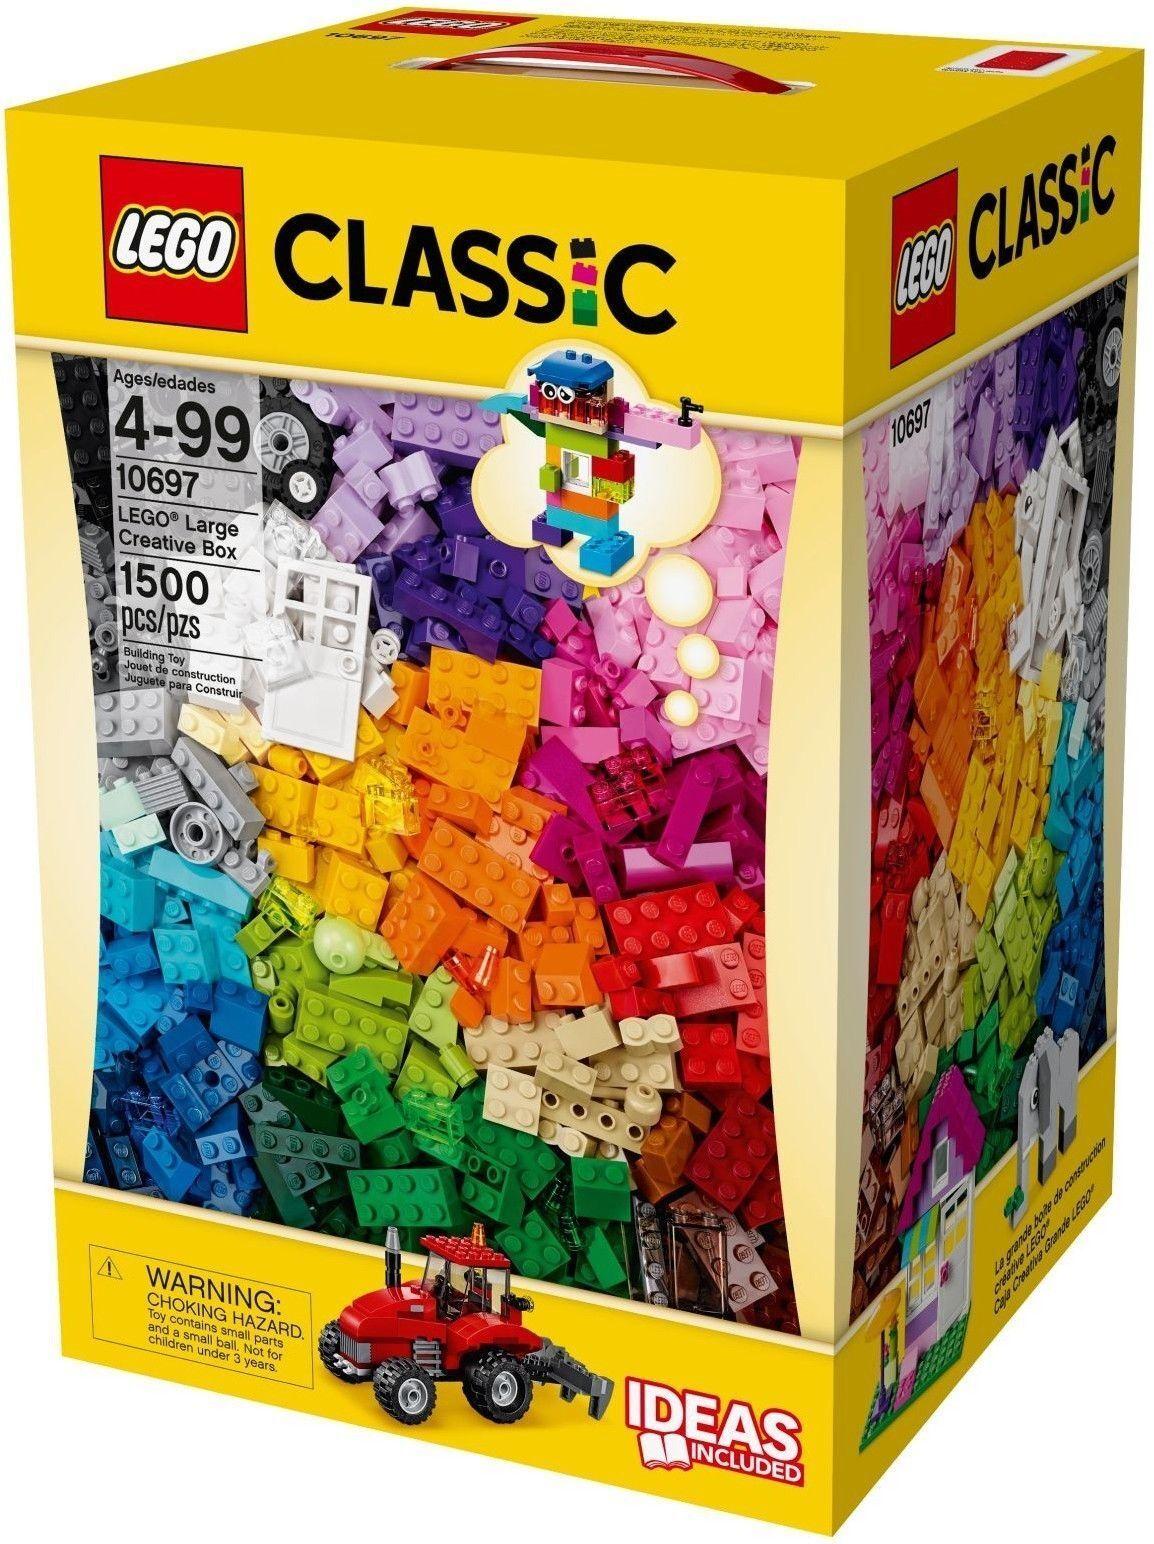 Lego Classic Caja Grande XXL 1500 Piezas Ref 10697, Bloques Nuevo, Descatalogado